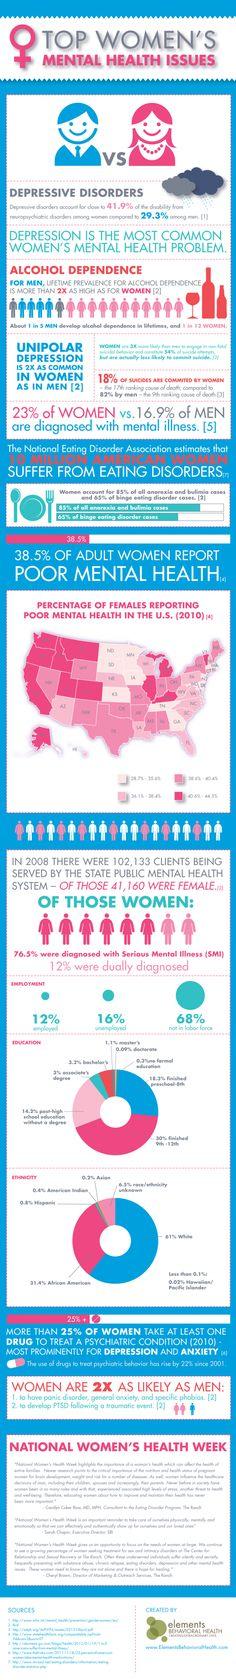 22 Gender Issues In Health Ideas Gender Inequality Gender Issues Gender